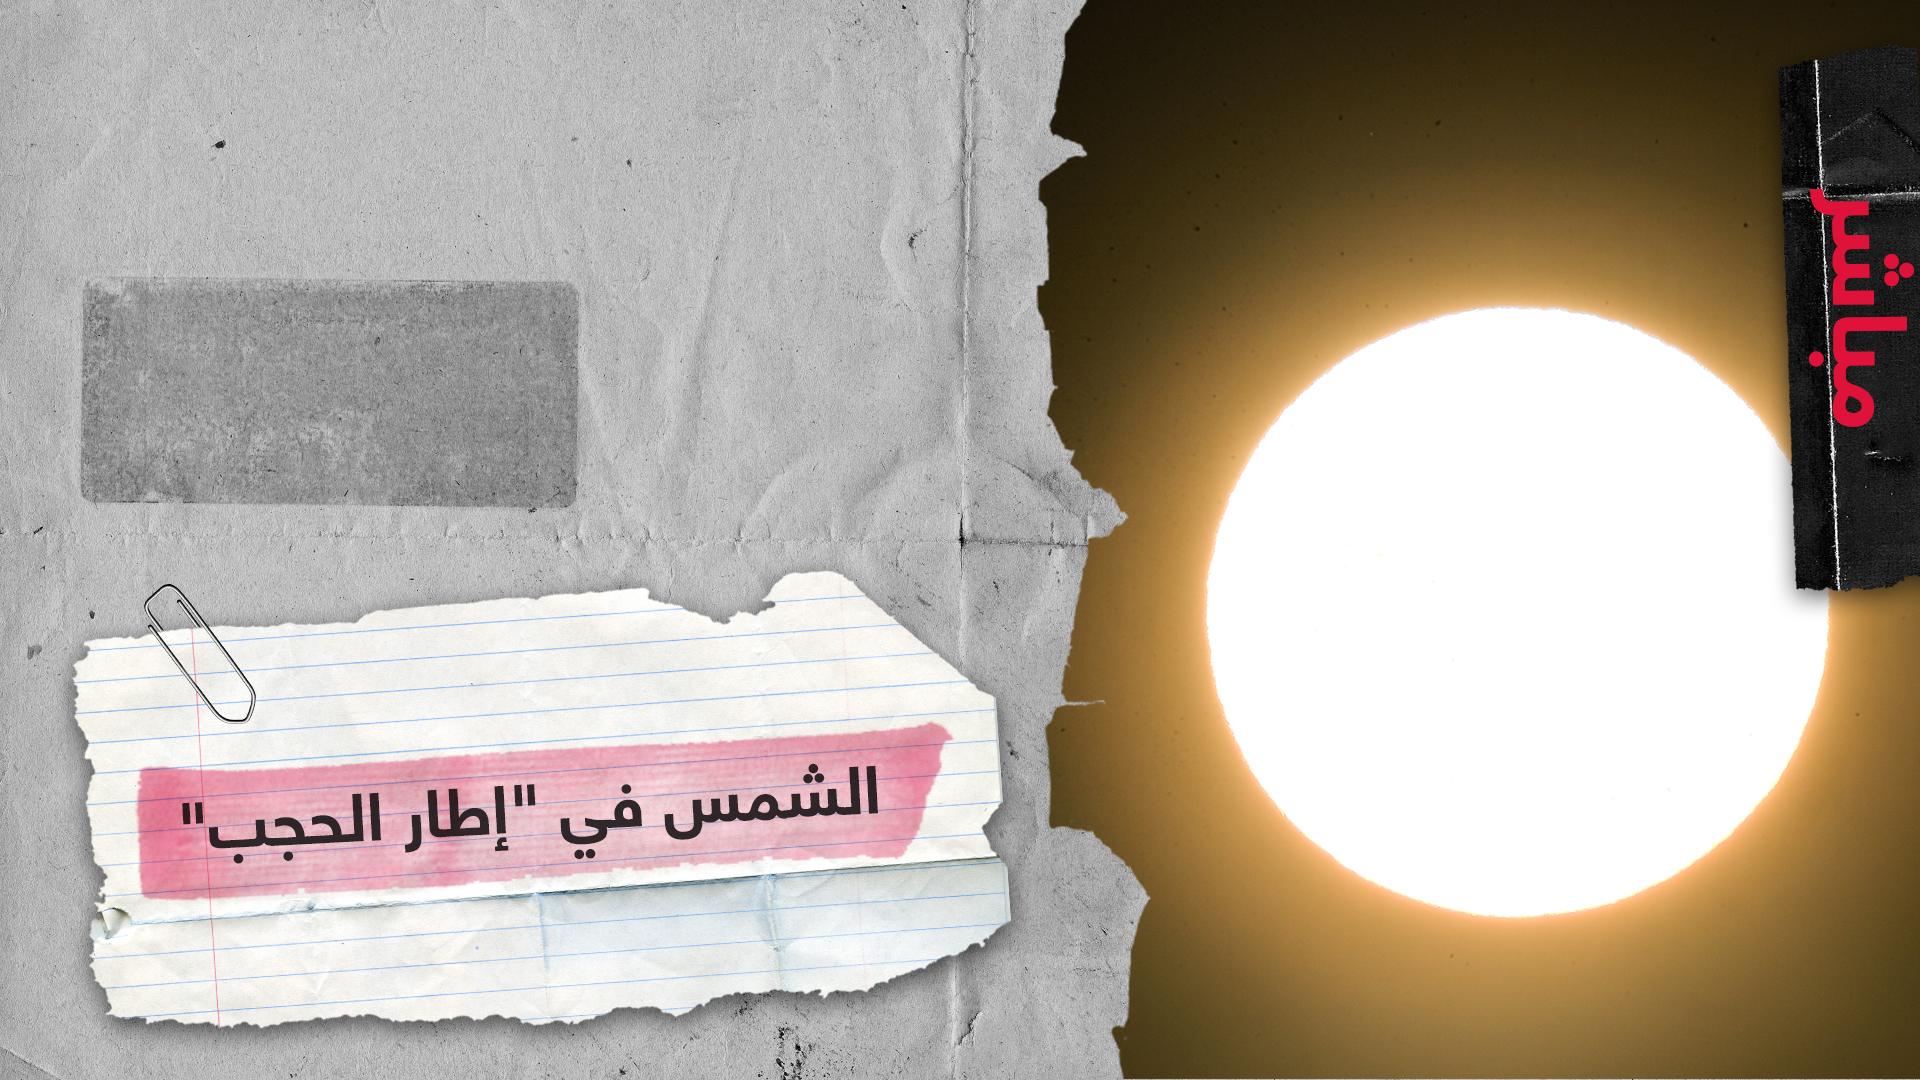 """علماء يخشون دخول الشمس في """"سبات كارثي"""" يهدد الحياة على الأرض"""